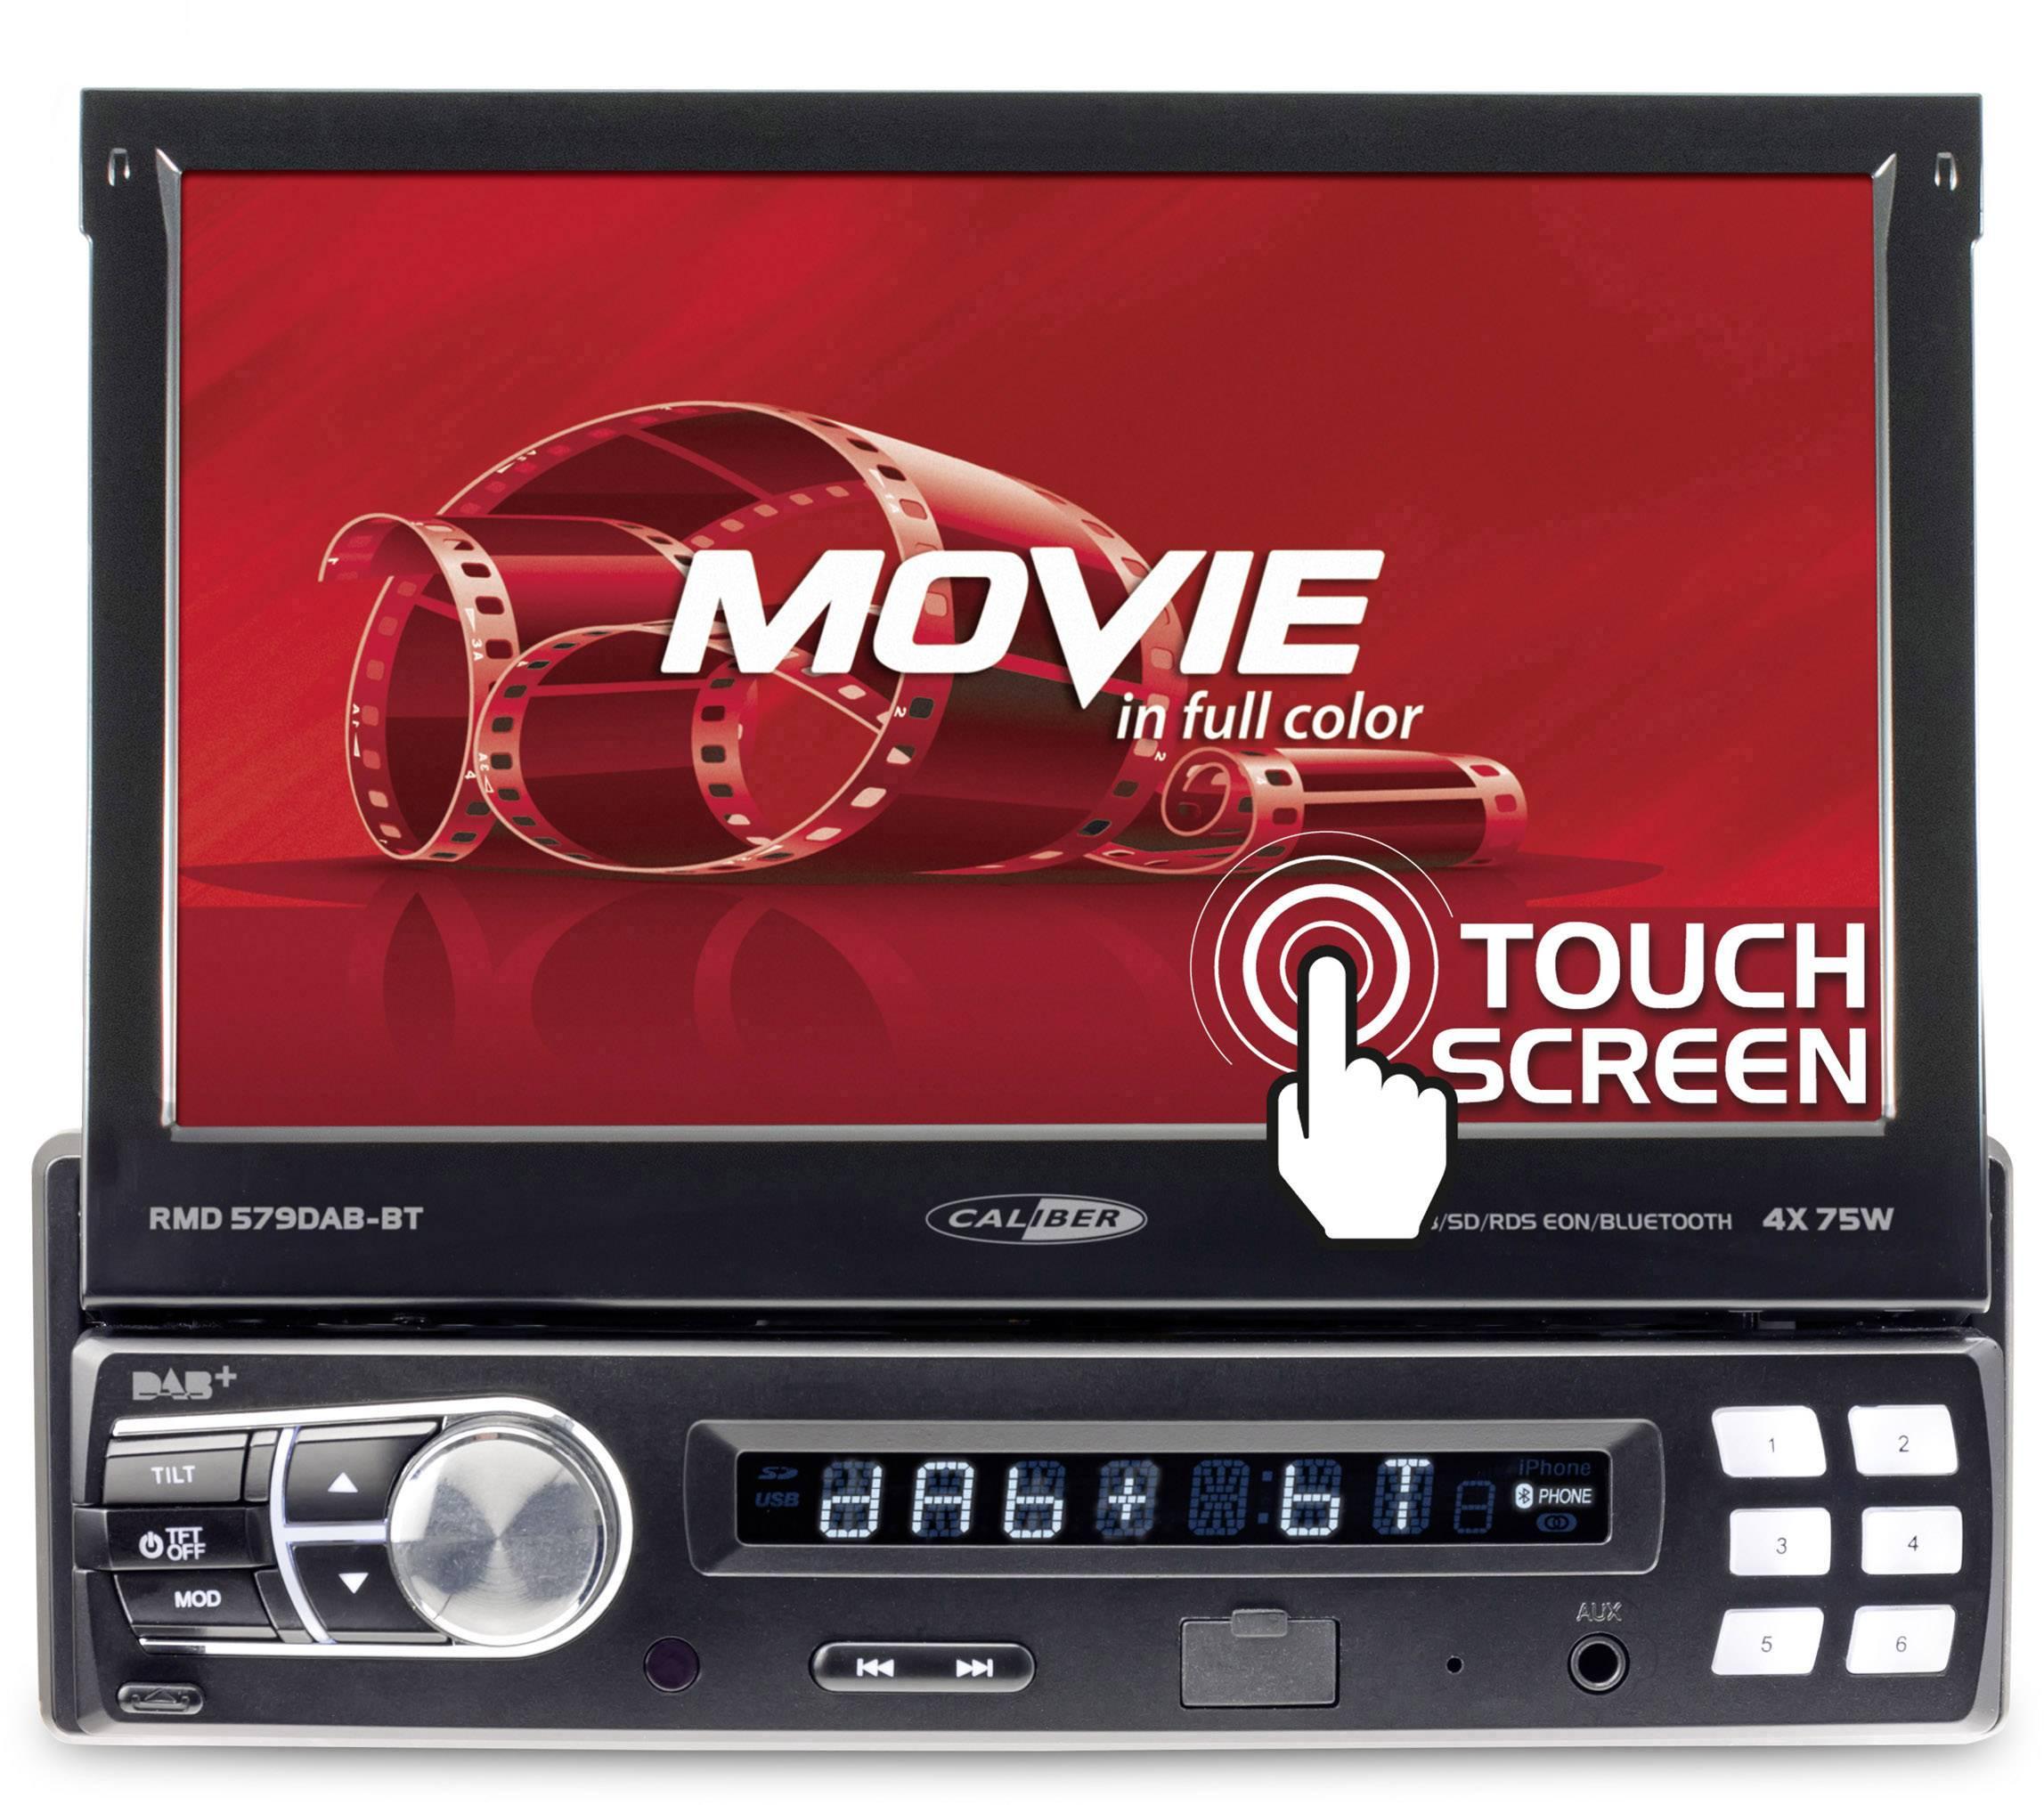 Conrad-Caliber Audio Technology RMD579DAB-BT Autoradio met scherm DAB+ tuner, Aansluiting voor stuurbediening, Aansluiting voor achteruitrijcamera, Bluetooth handsfree, Incl. afstandsbediening-aanbieding